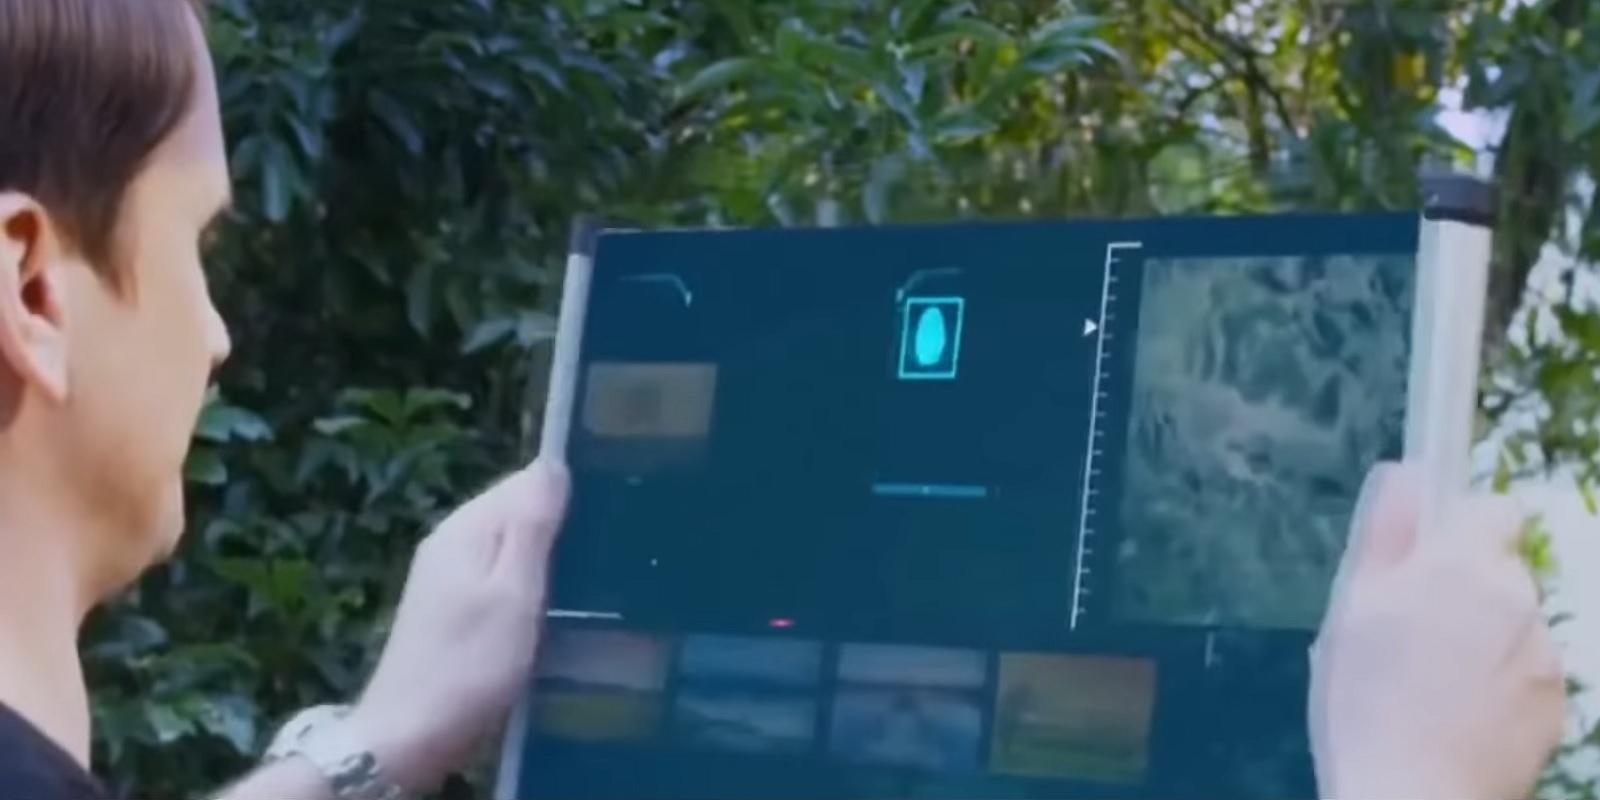 TCL zaprezentowało projekt koncepcyjny zwijanego, drukowanego ekranu OLED [CES 2021]